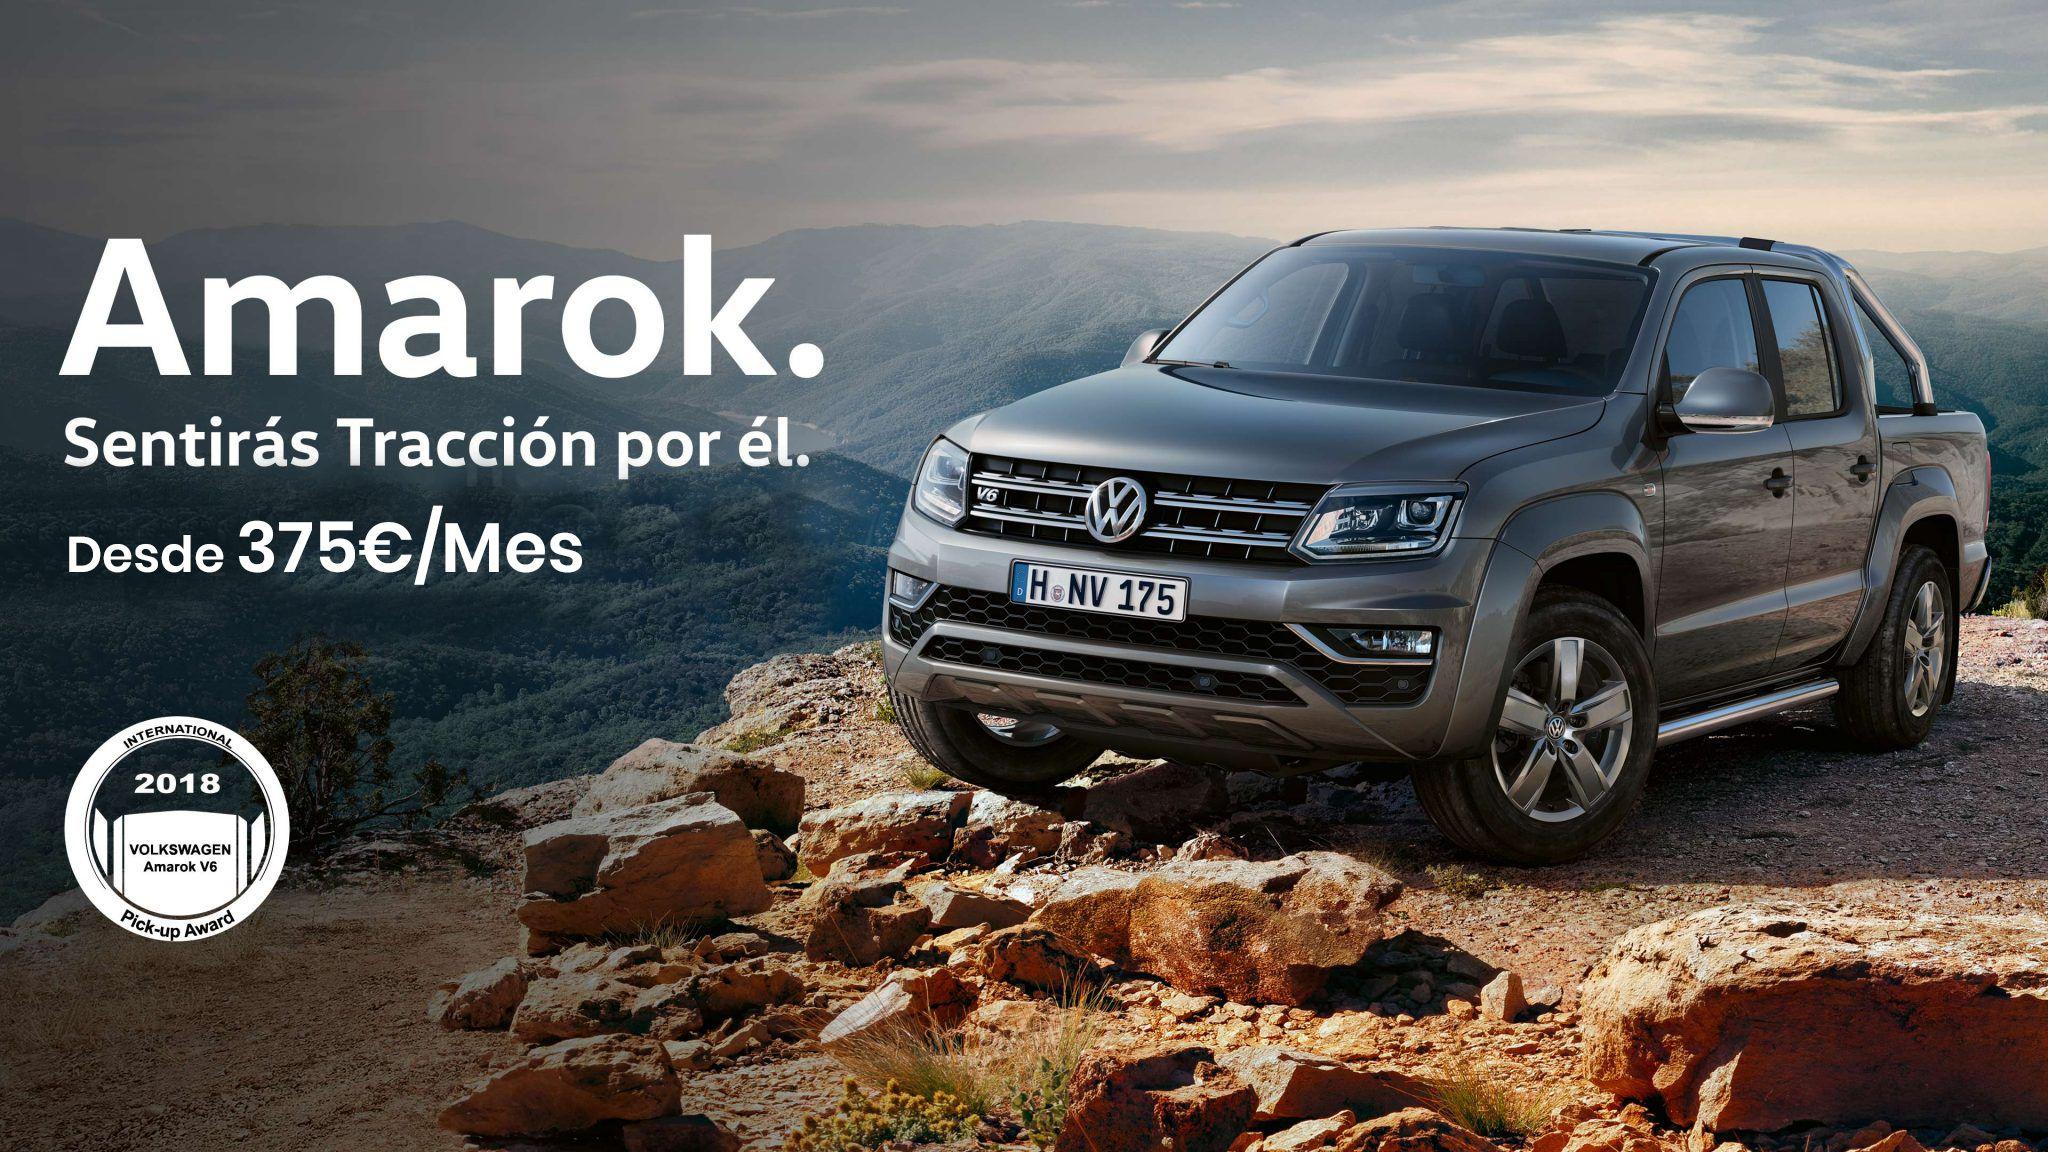 Amarok desde 375€ / Mes